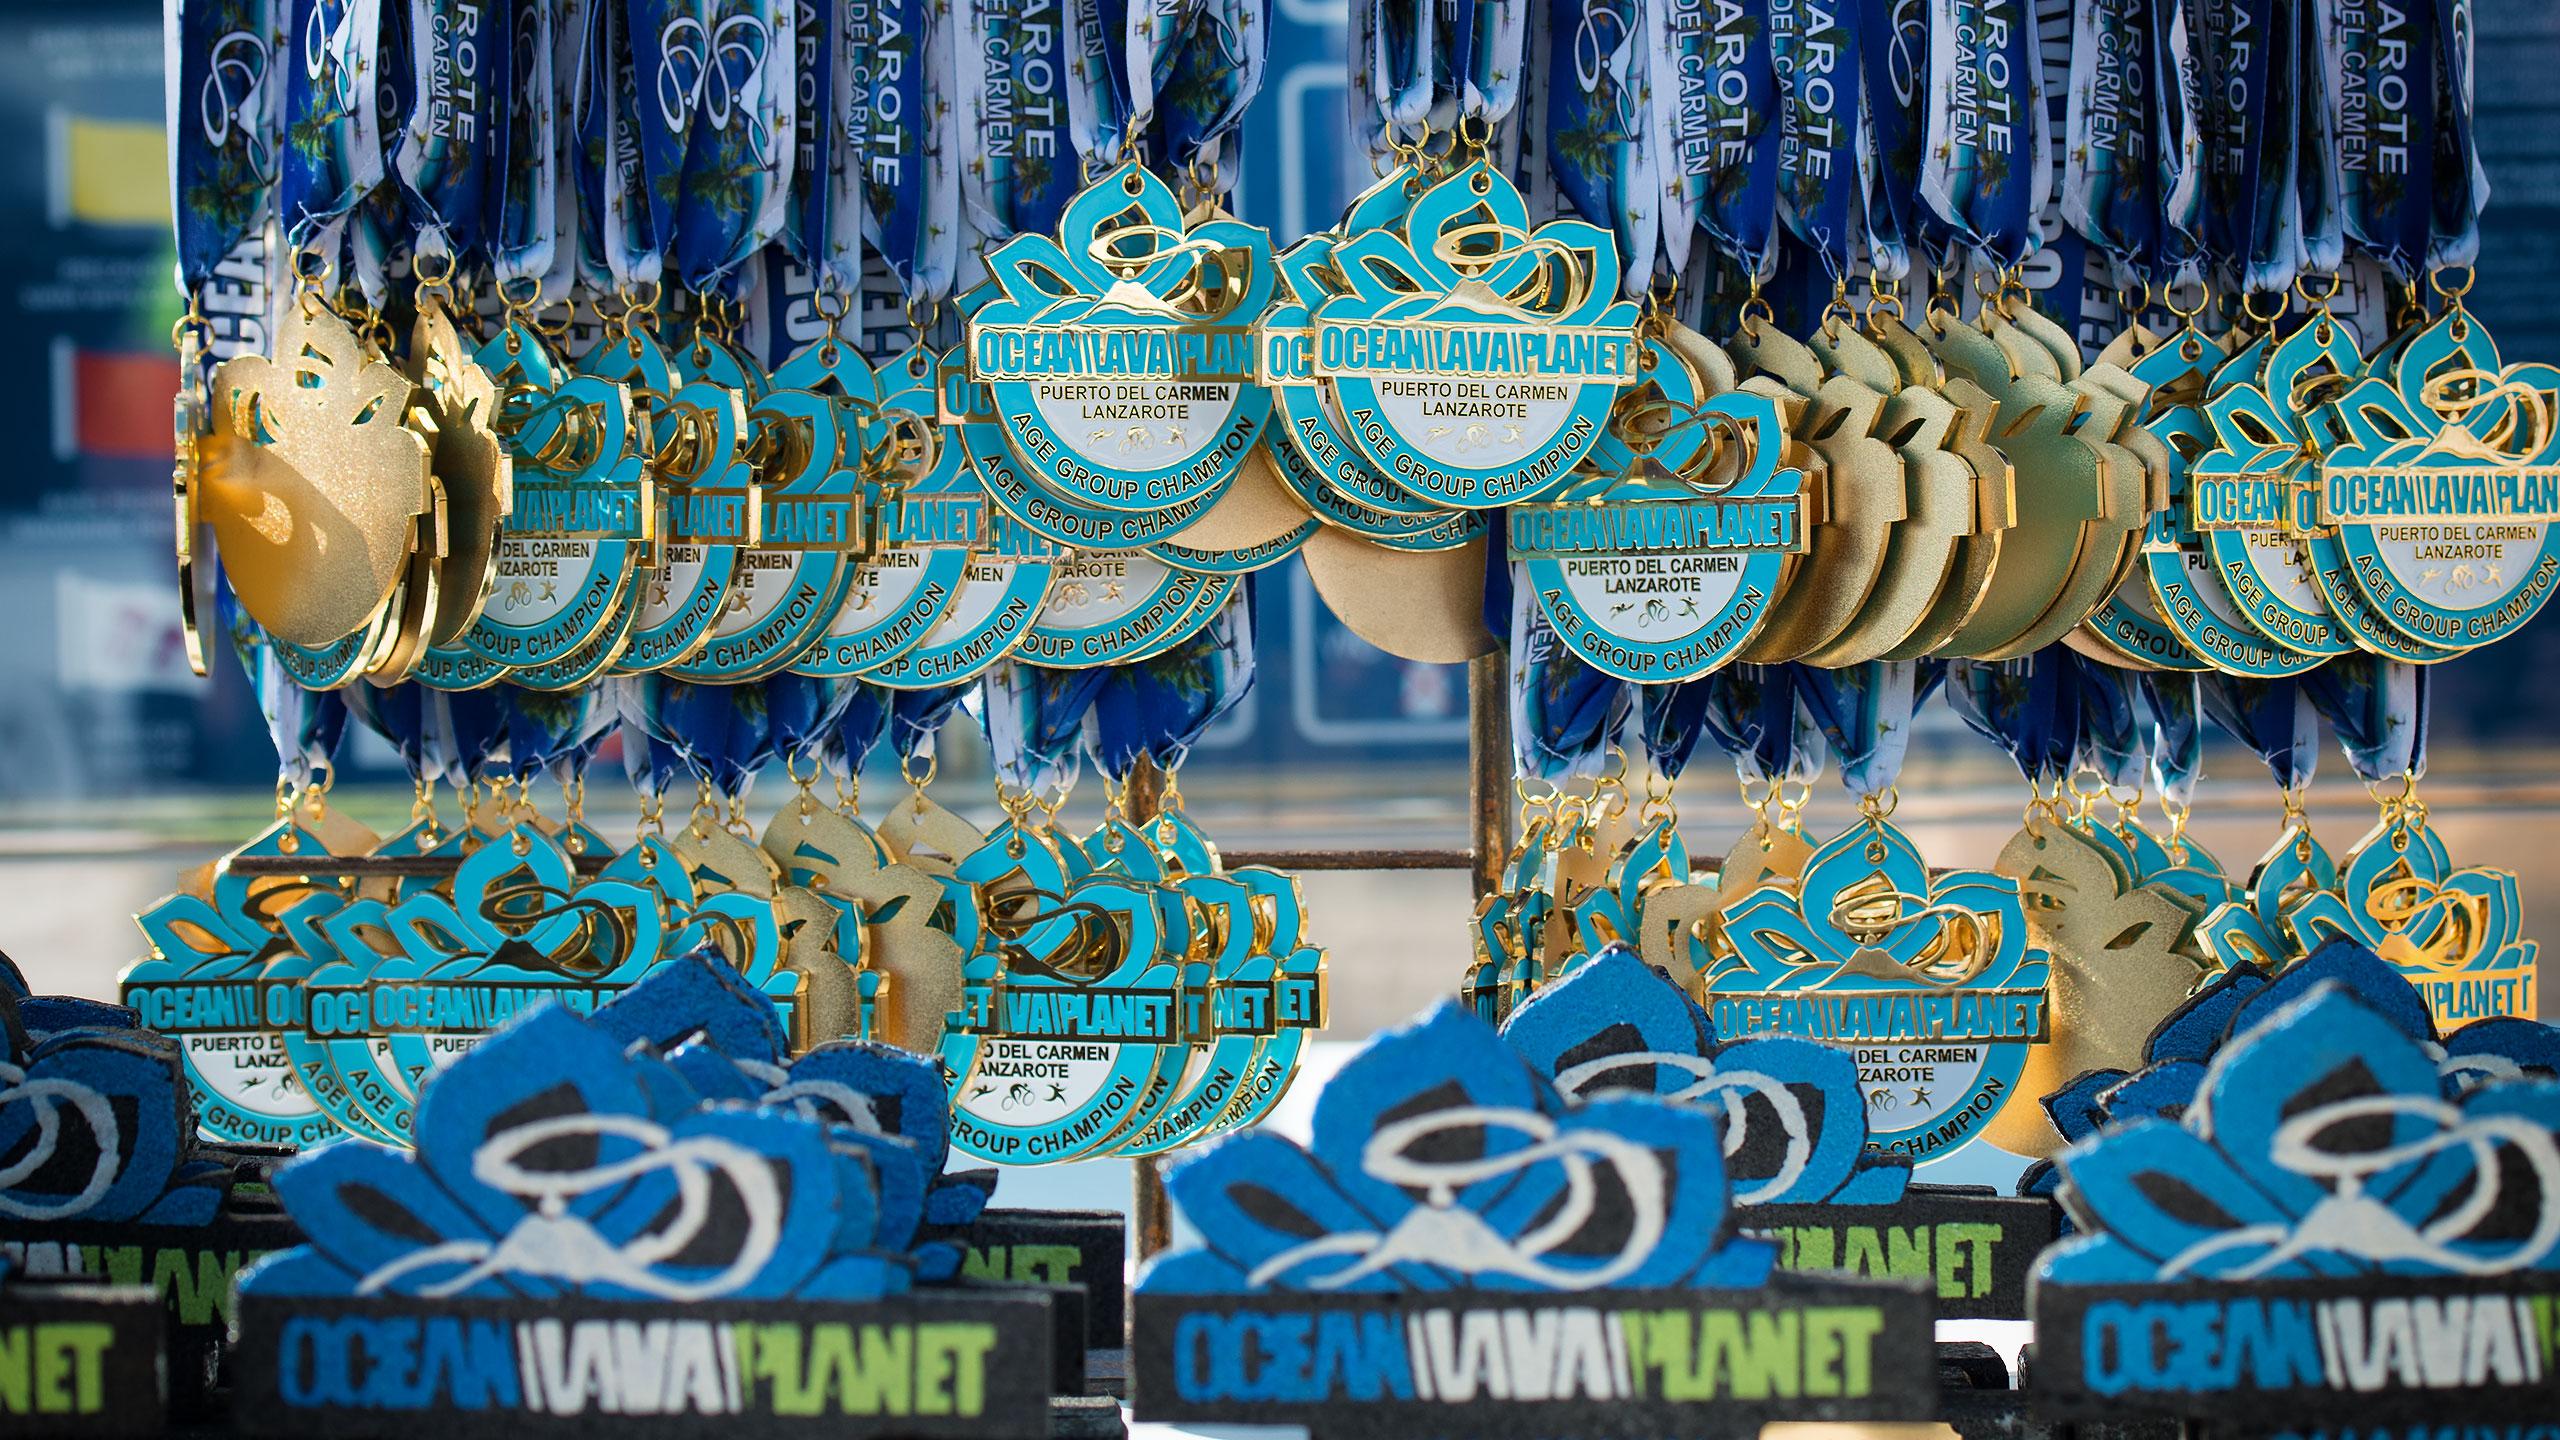 Calendario Triatlon 2019.Ocean Lava Lanzarote Half And Olympic Distance Triathlon